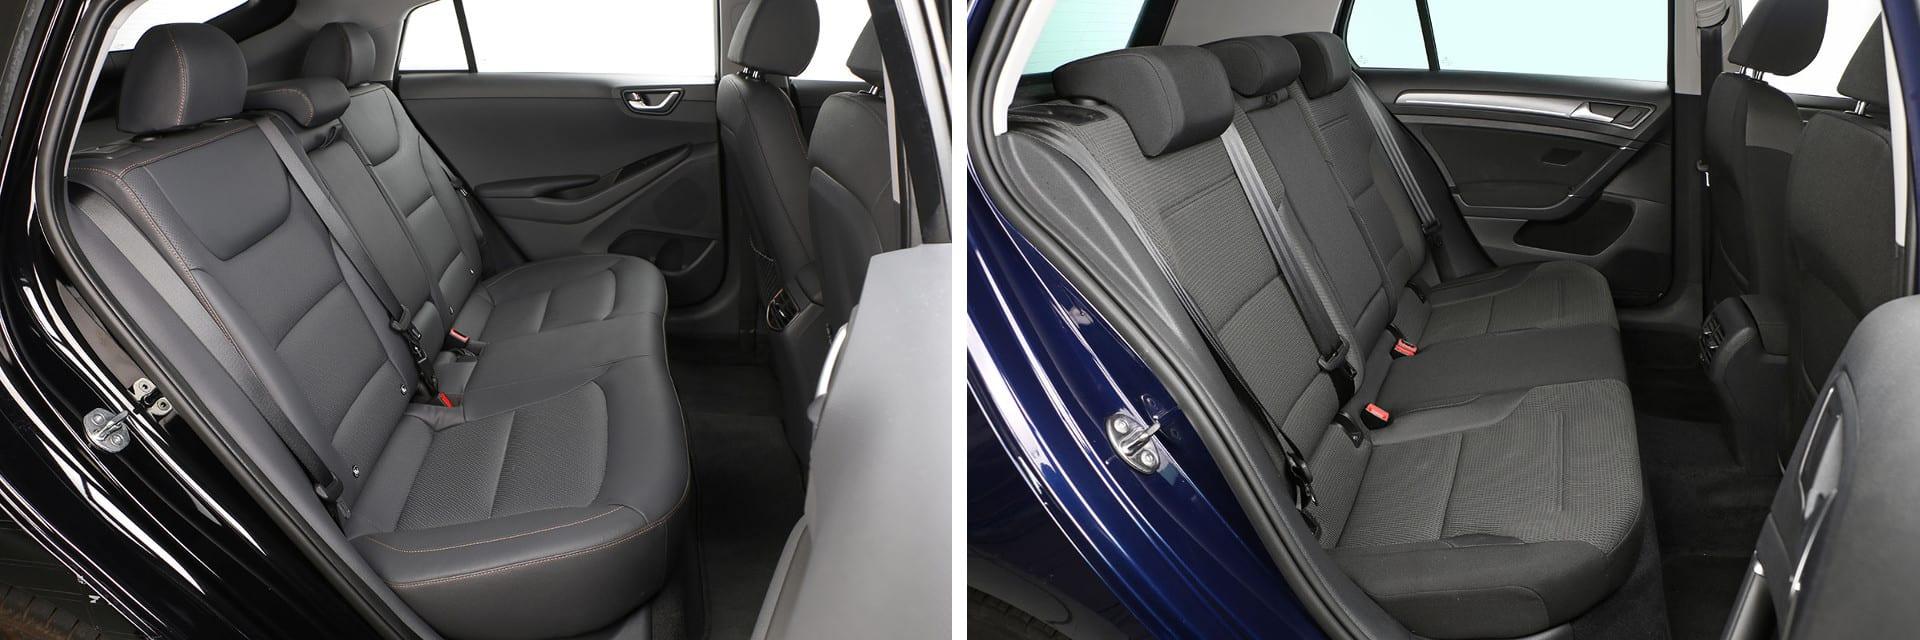 El Volkswagen (dcha.) tiene más altura en las plazas traseras, siendo más apropiado para personas que superan los 1,80 metros de estatura.